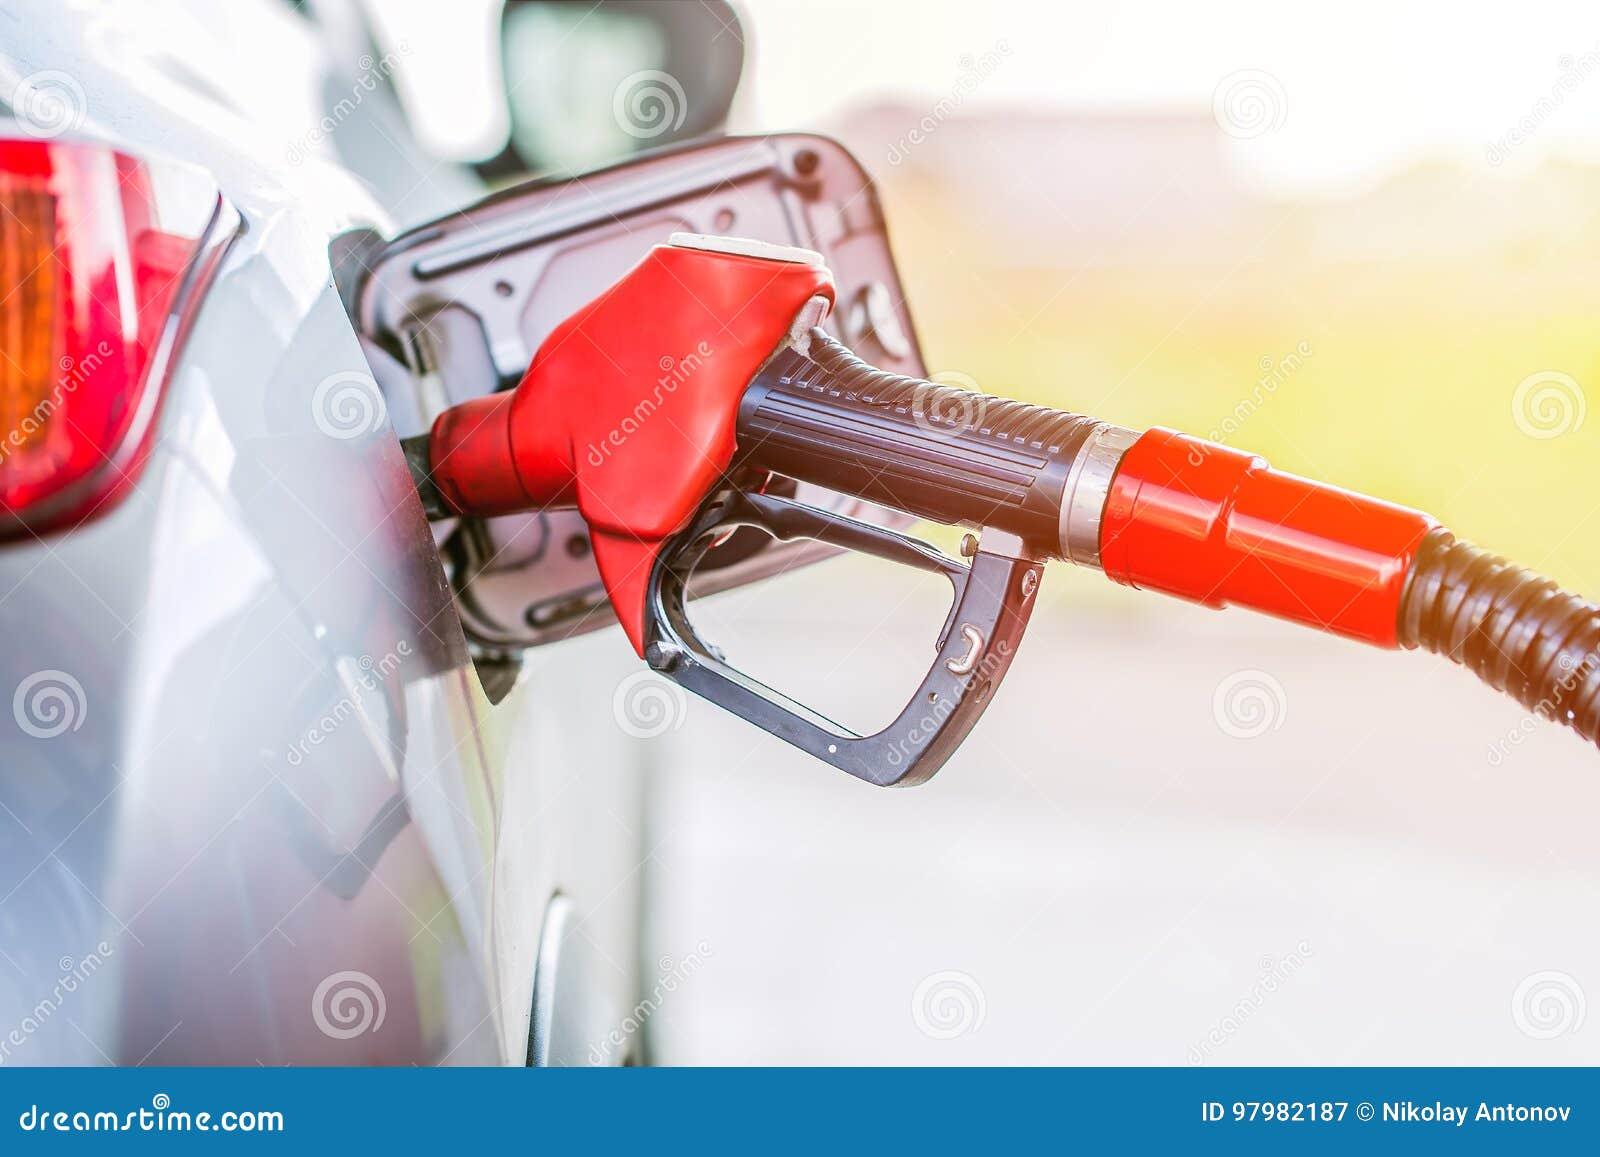 Essence de pompage d essence à la station service Fin haute et modifiée la tonalité